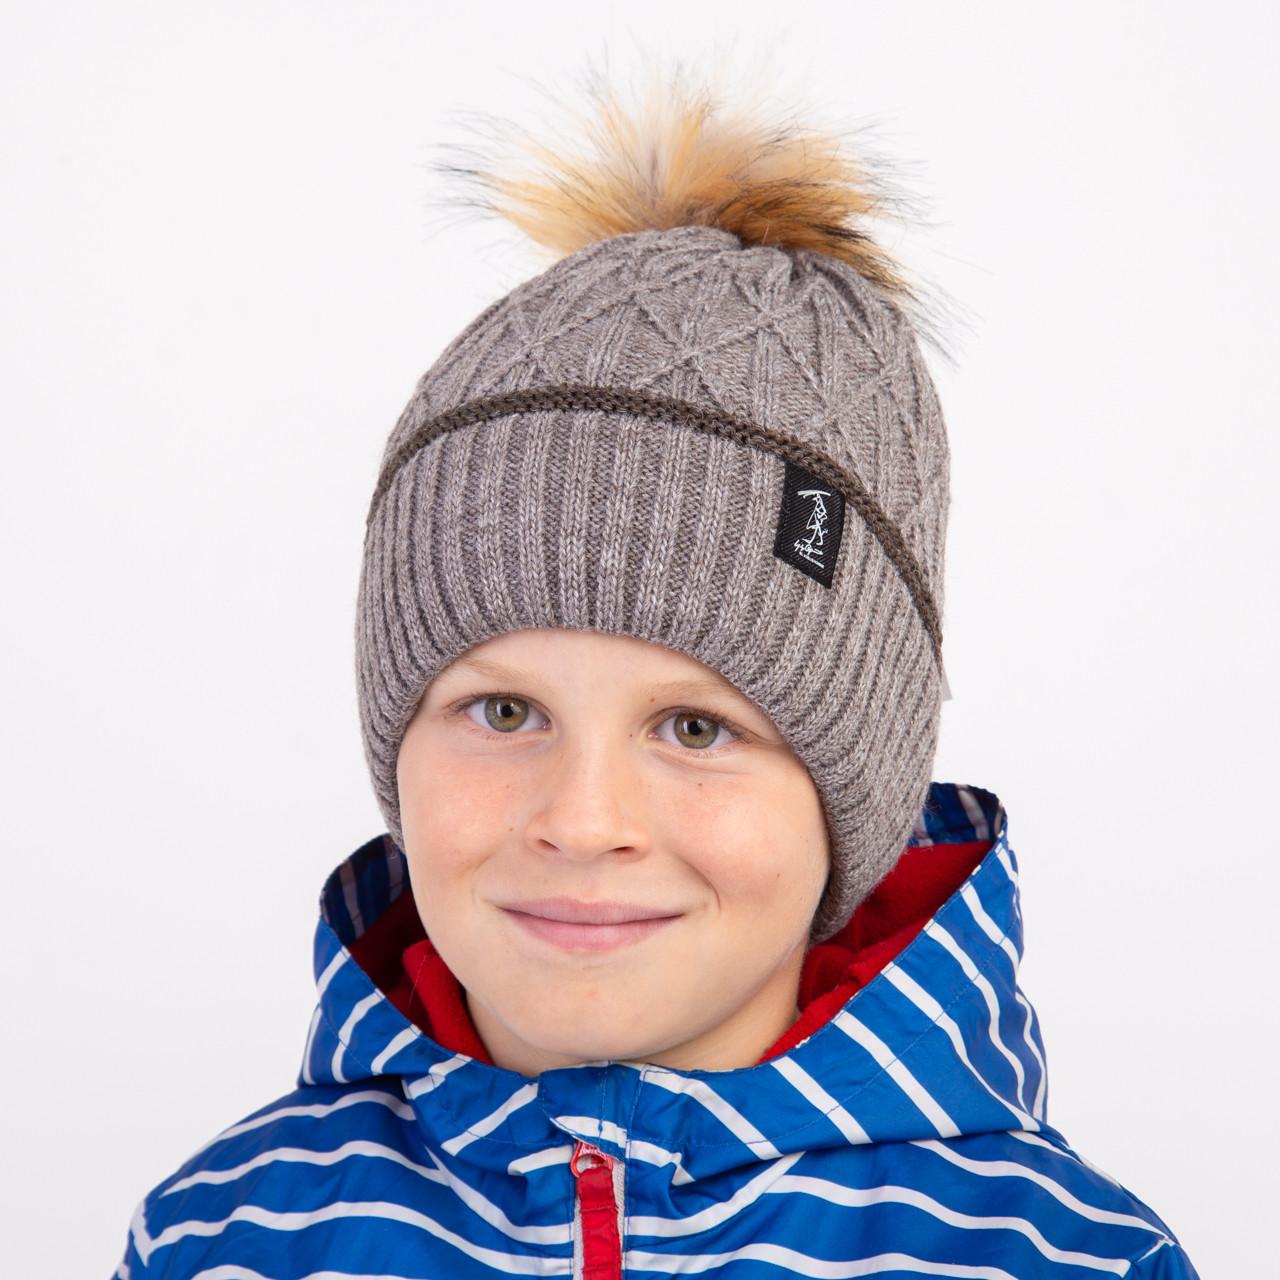 Зимняя шапка с помпоном для мальчика оптом - Артикул 1495